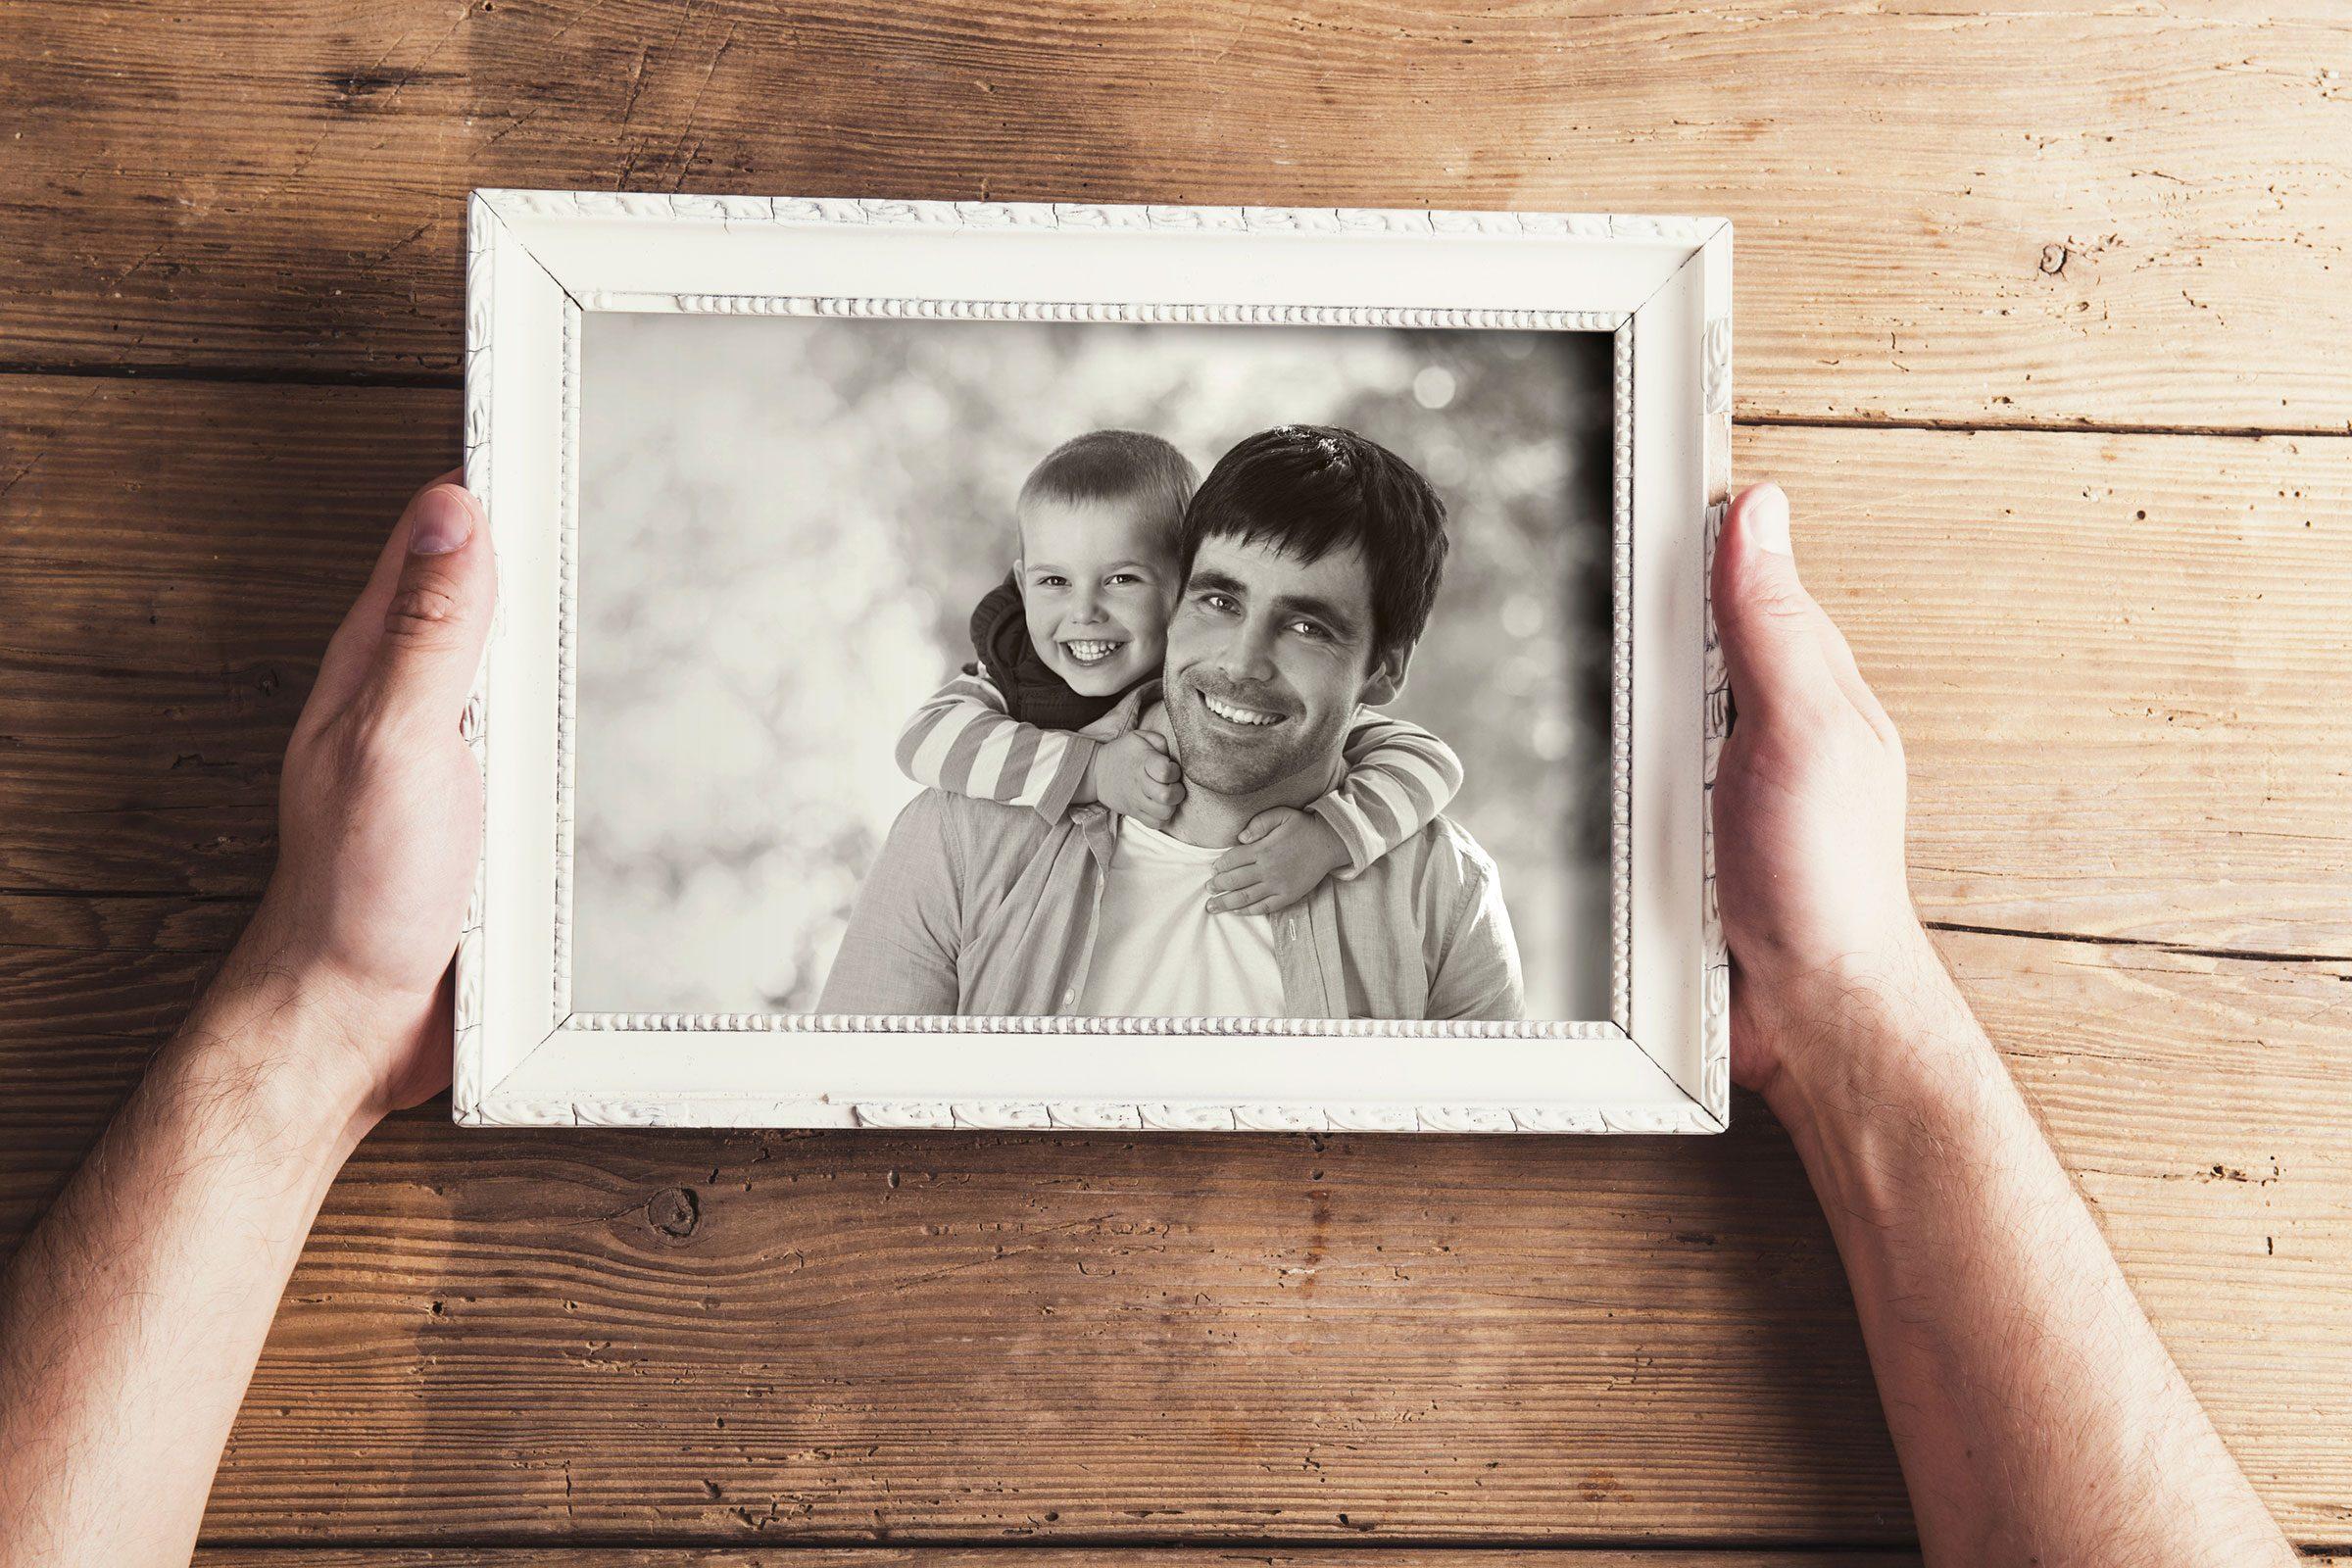 Hang a happy photo